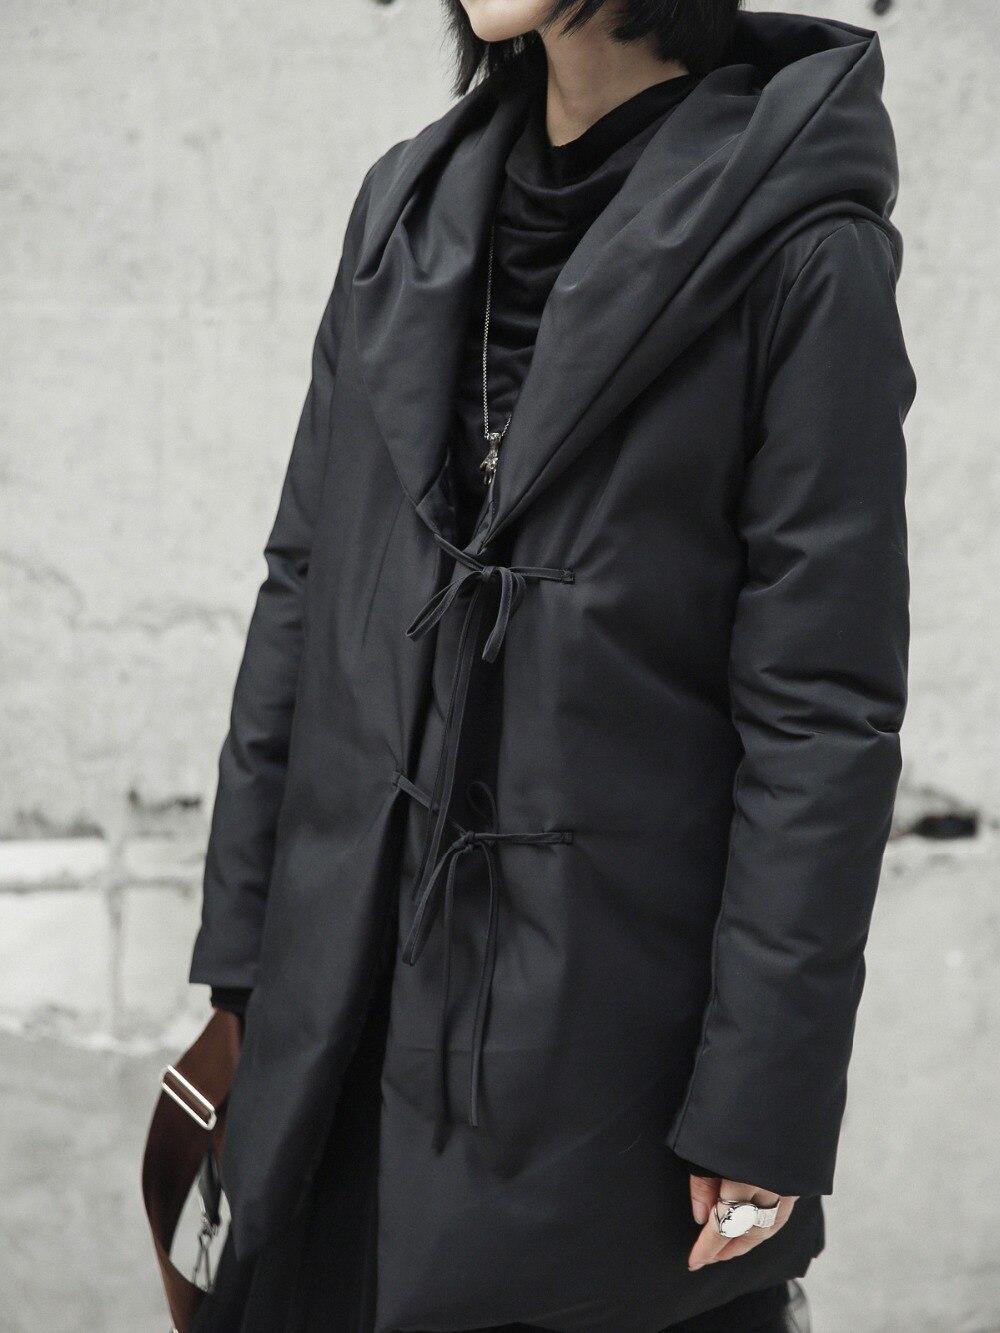 Design Mince Coton Veste Chaud D'hiver Minimaliste Manteaux Mi Longue Lâche Femmle Noir Rembourré Cakucool Capuchon up Parka À Dentelle Outwear RtwPn